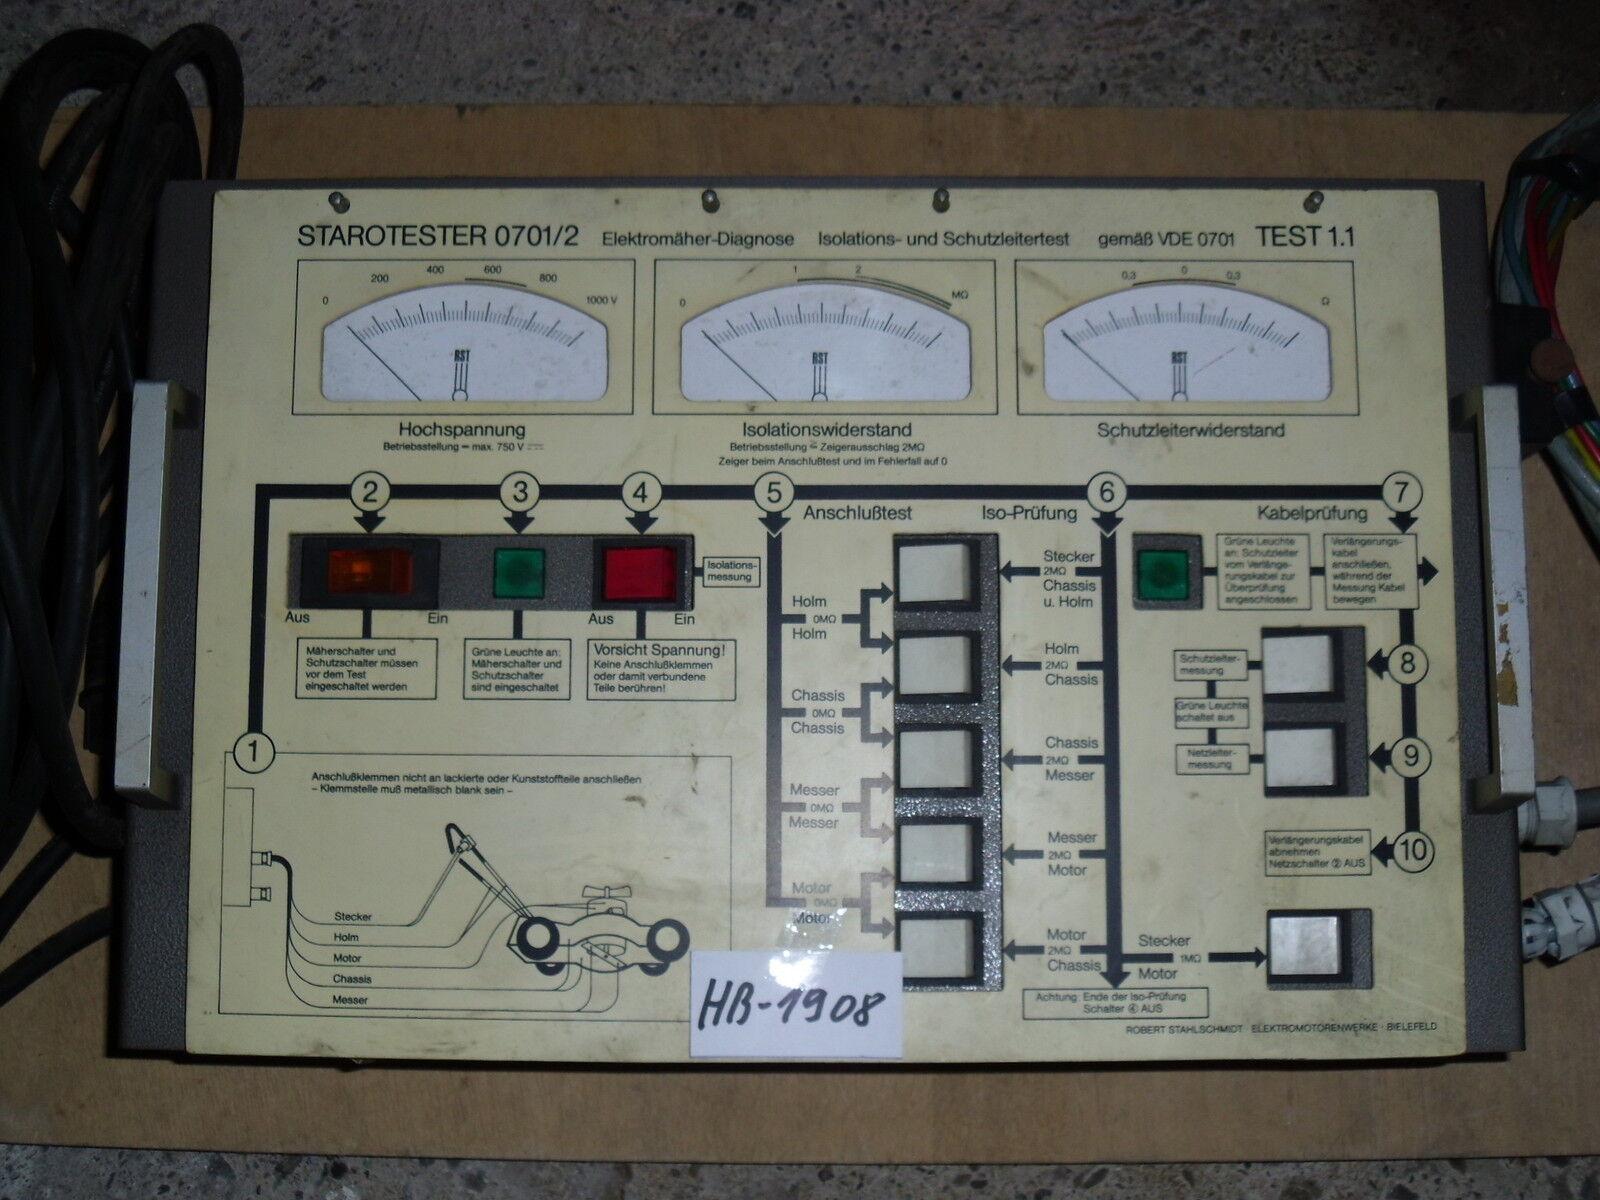 HB-1908 Starotester 0701 2, Elektromäher-Diagnosegerät gebr. Stahlschmidt